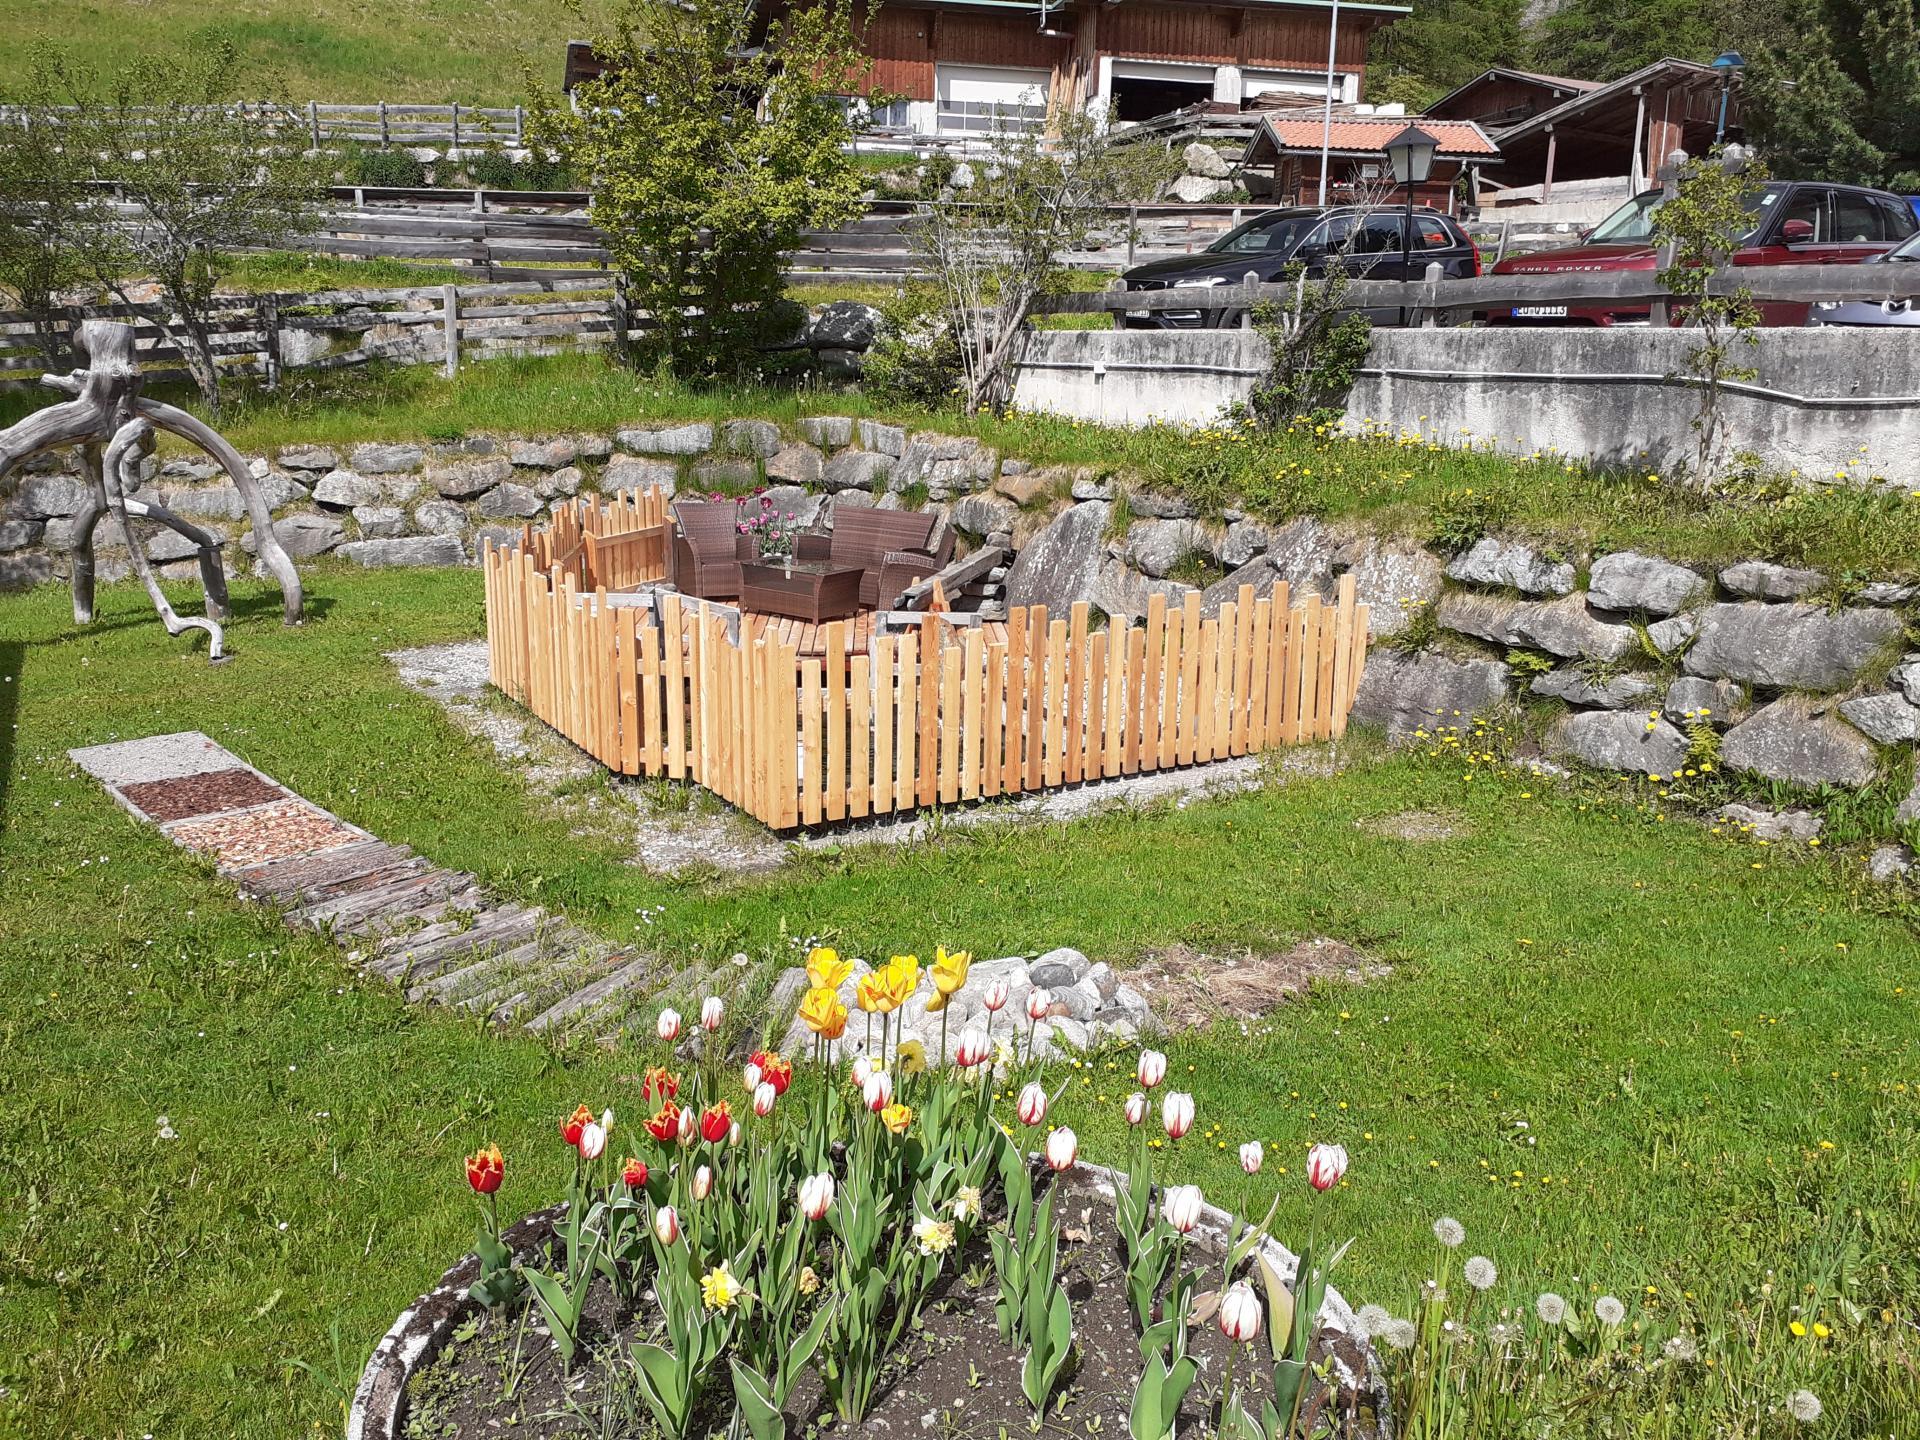 Appartement & Biobauernhof der Veitenhof #Wellness#Kneippen#Bilder